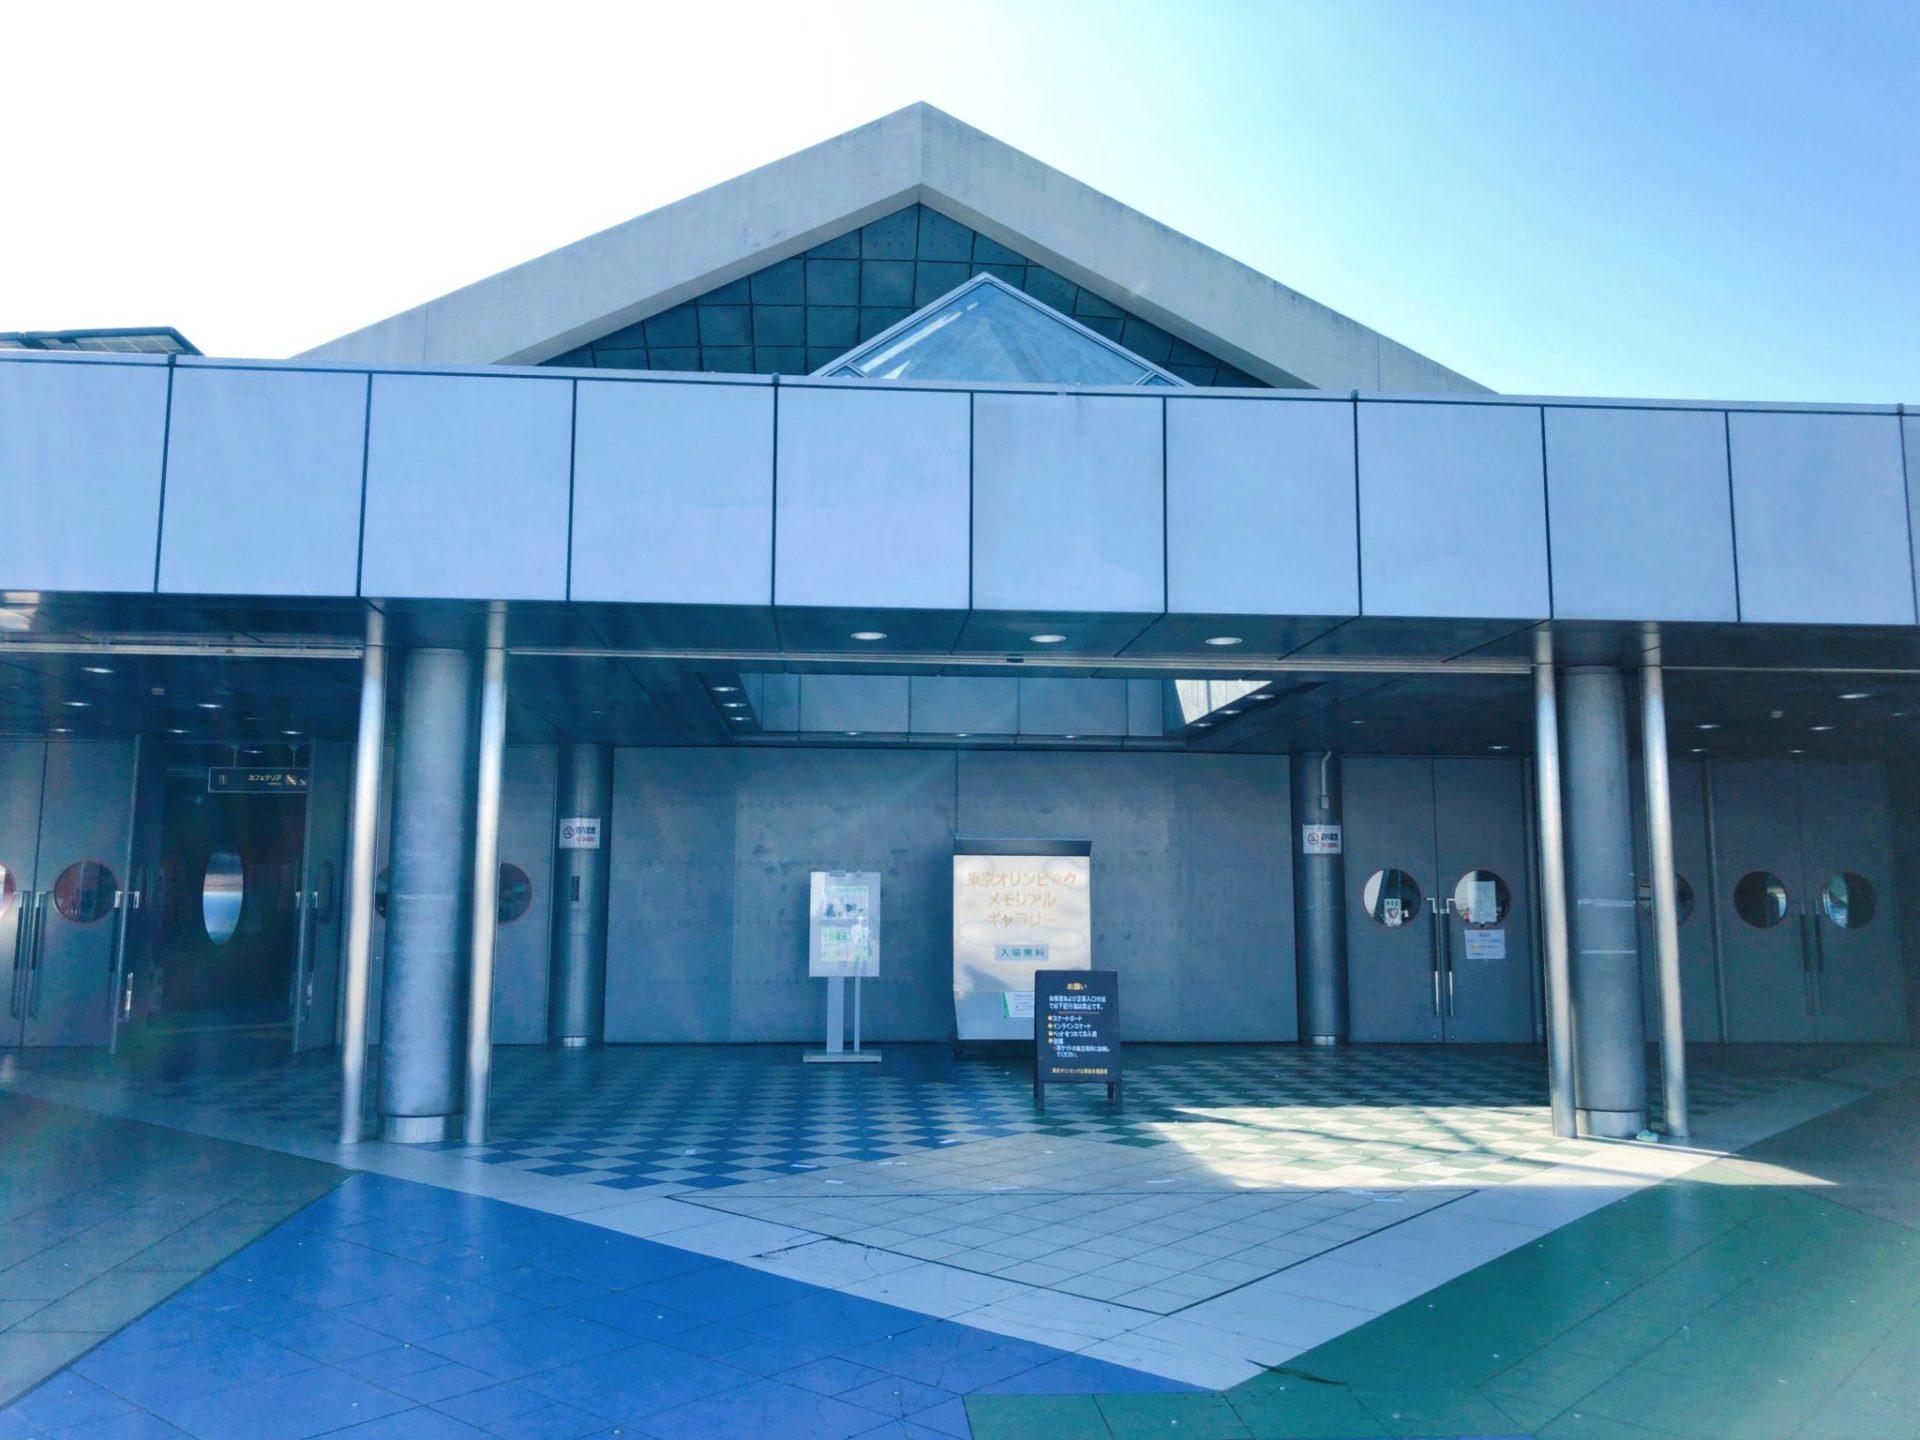 駒沢オリンピック公園にあるオリンピックメモリアルギャラリー